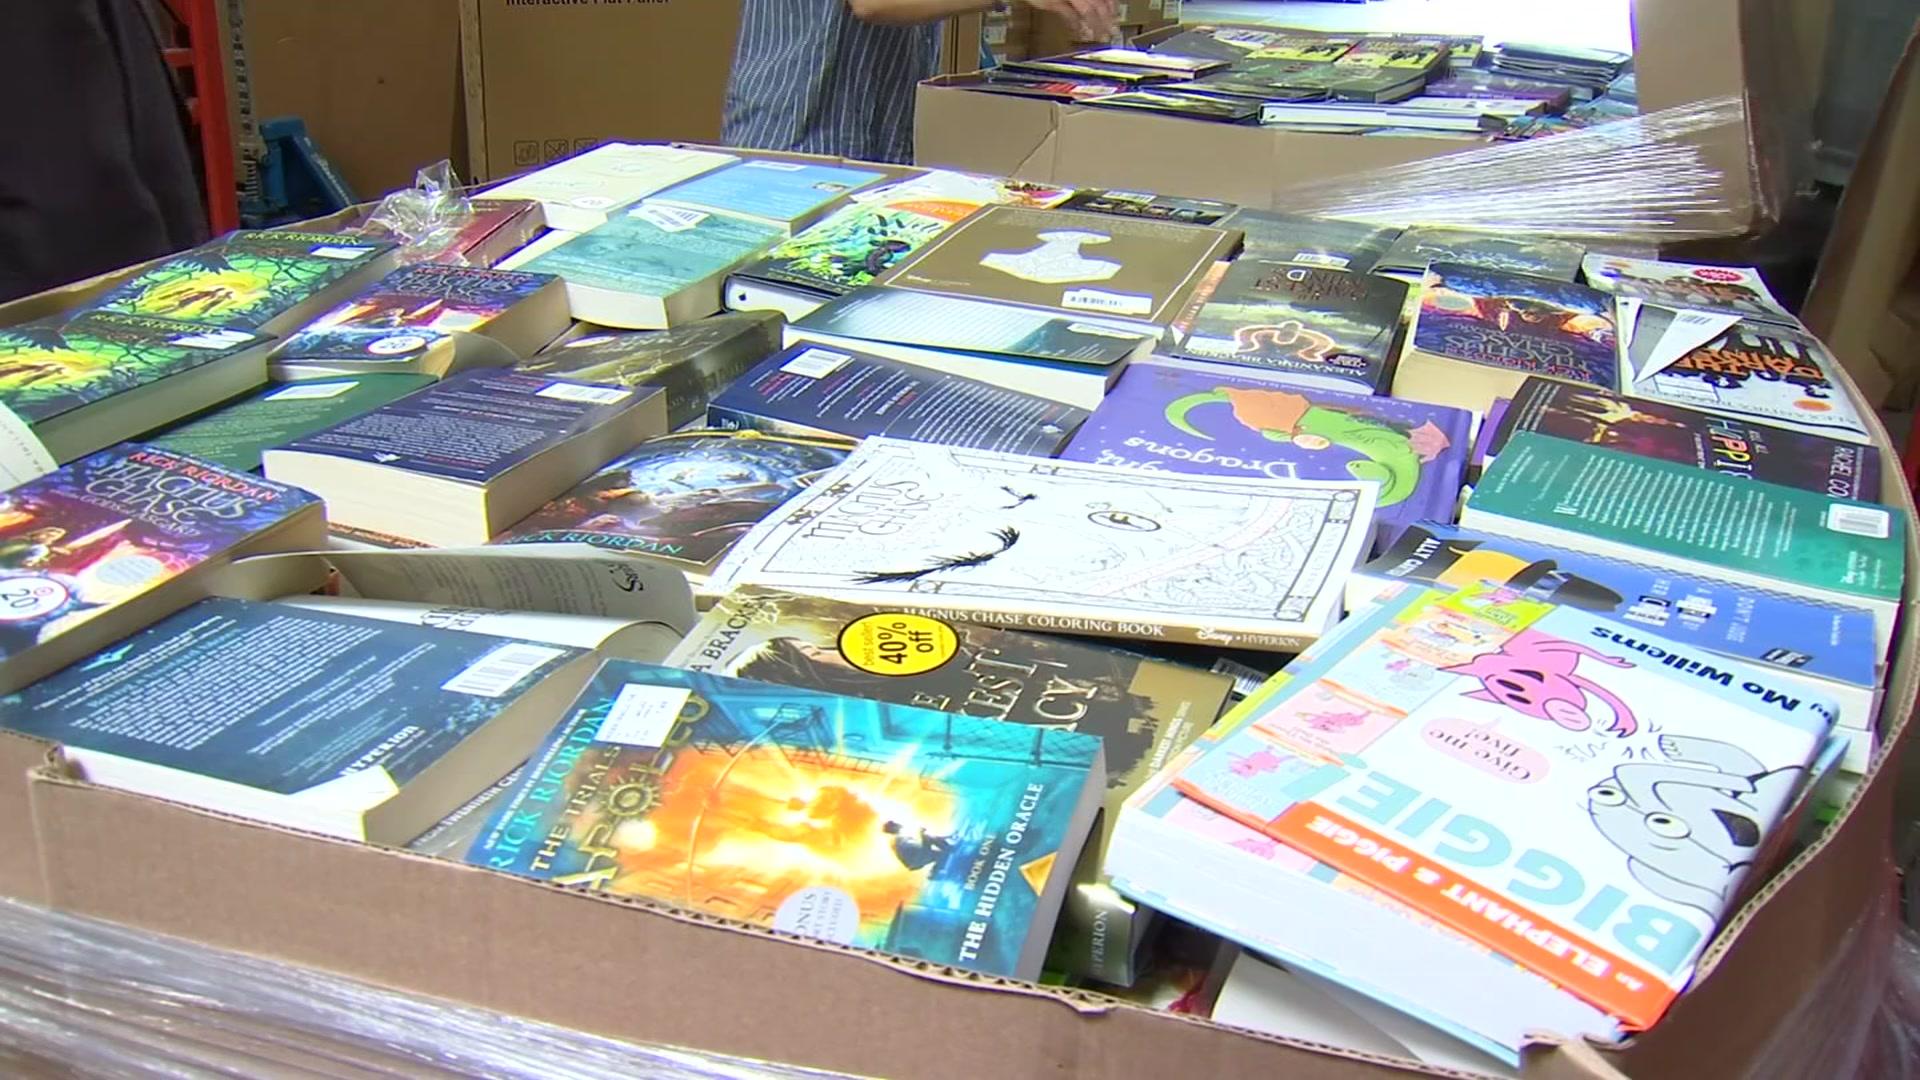 Orange County Library Quarantines Books to Prevent COVID-19 Spread